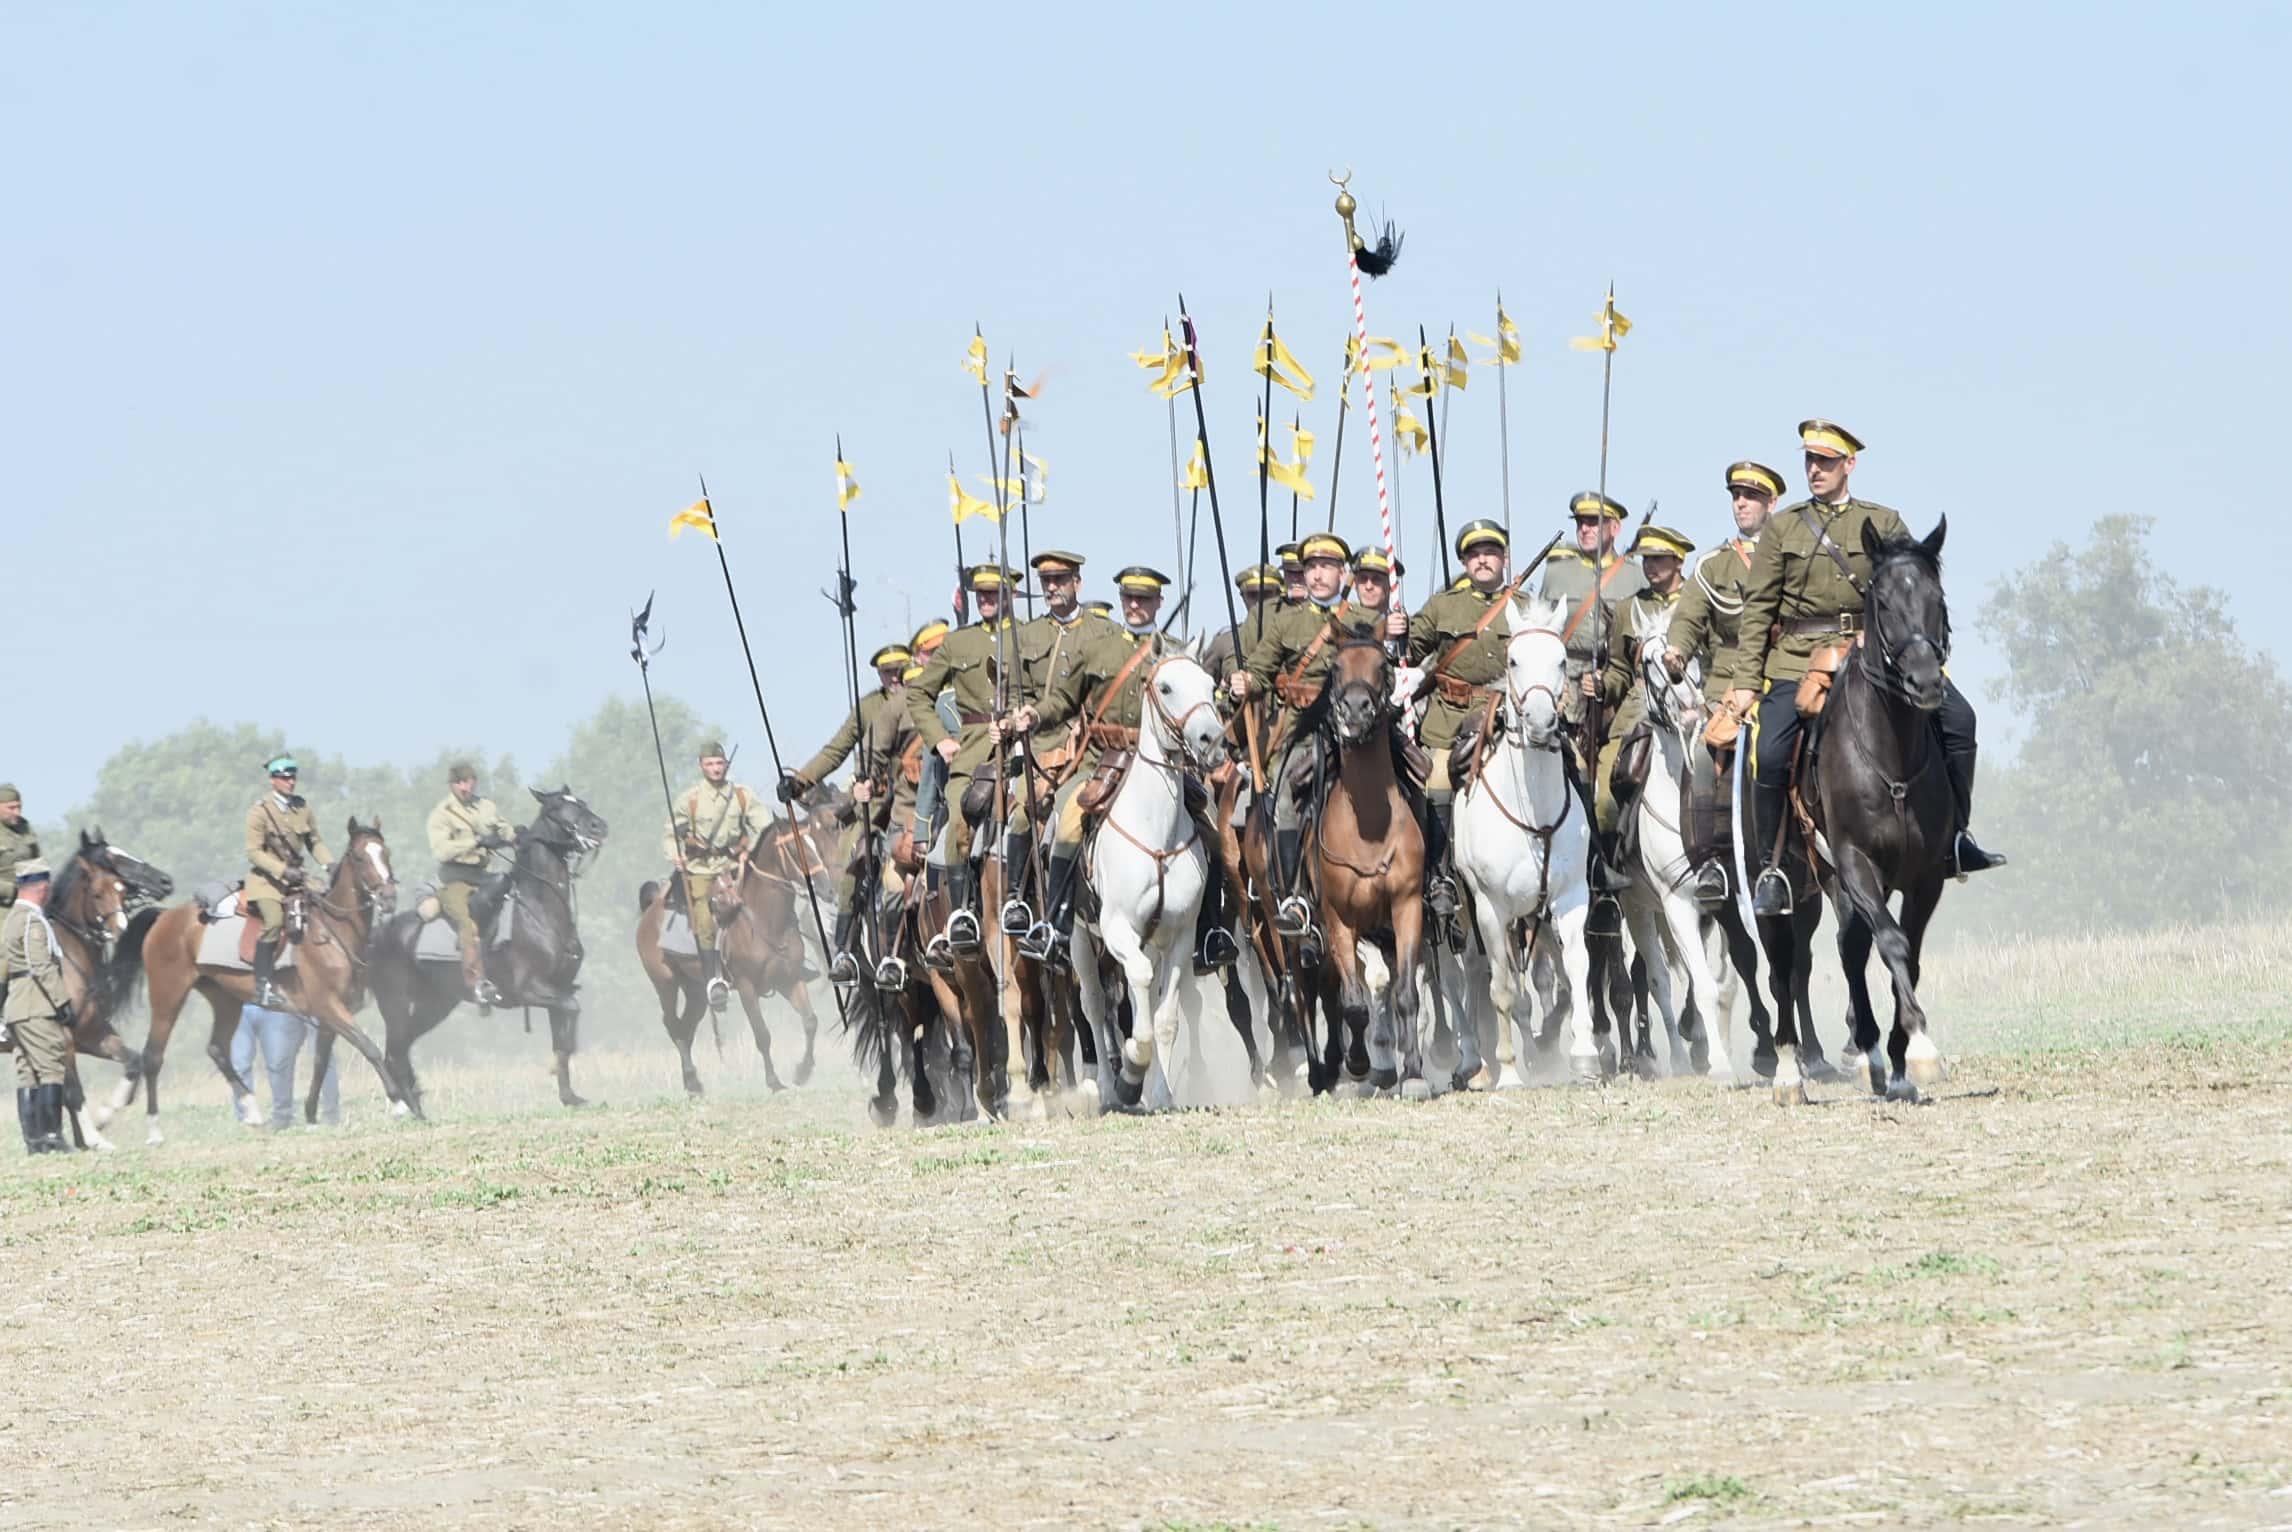 dsc 0639 Czas szabli - 100 rocznica bitwy pod Komarowem(zdjęcia)